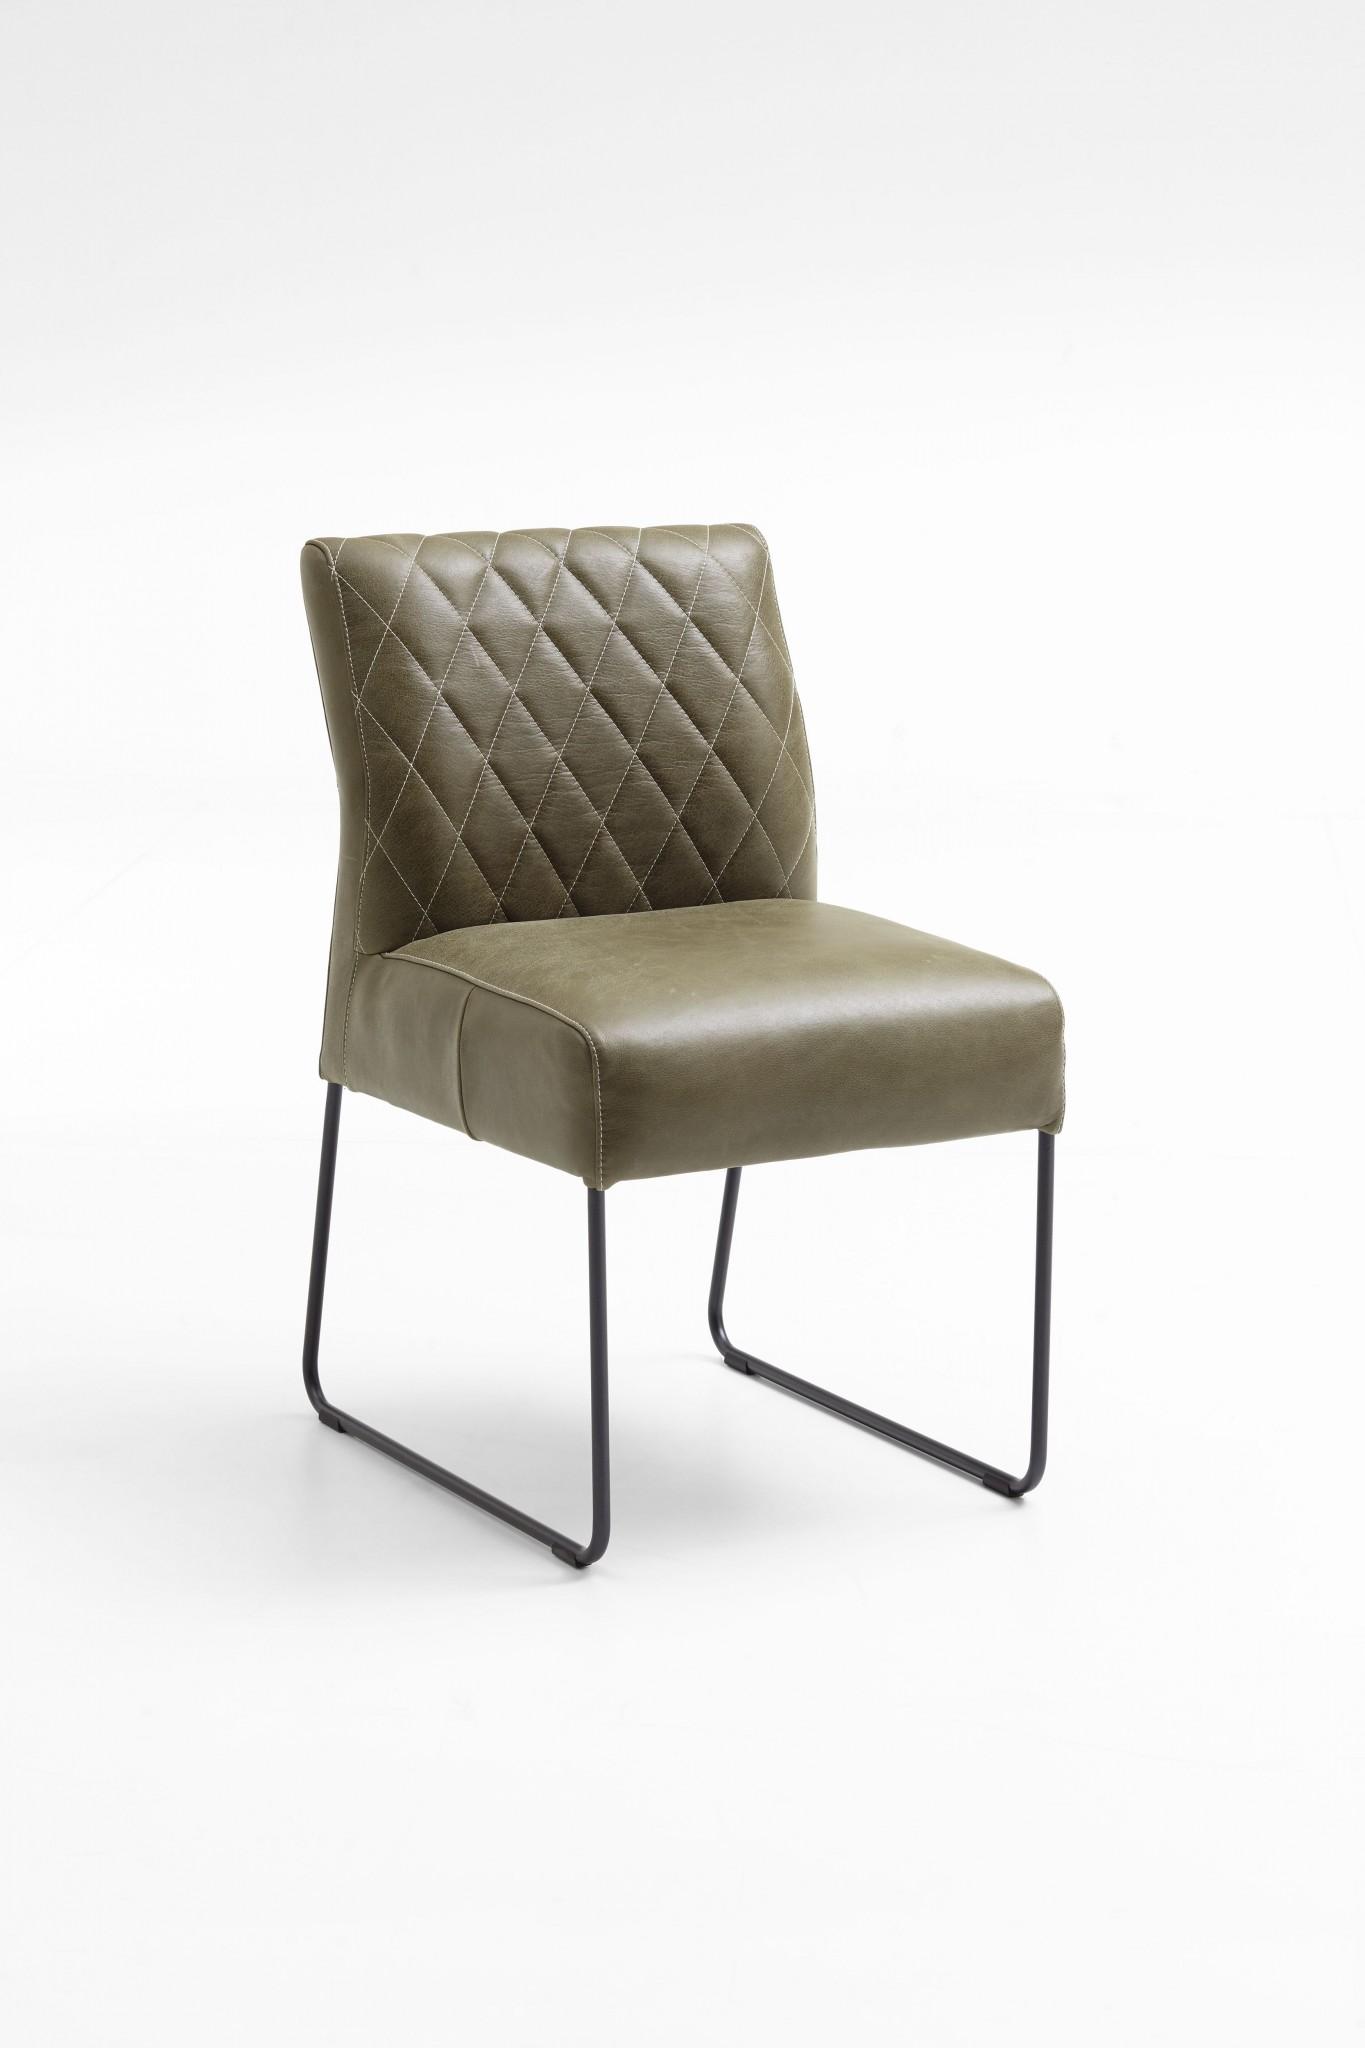 4993 17 m bel polt m belhaus. Black Bedroom Furniture Sets. Home Design Ideas